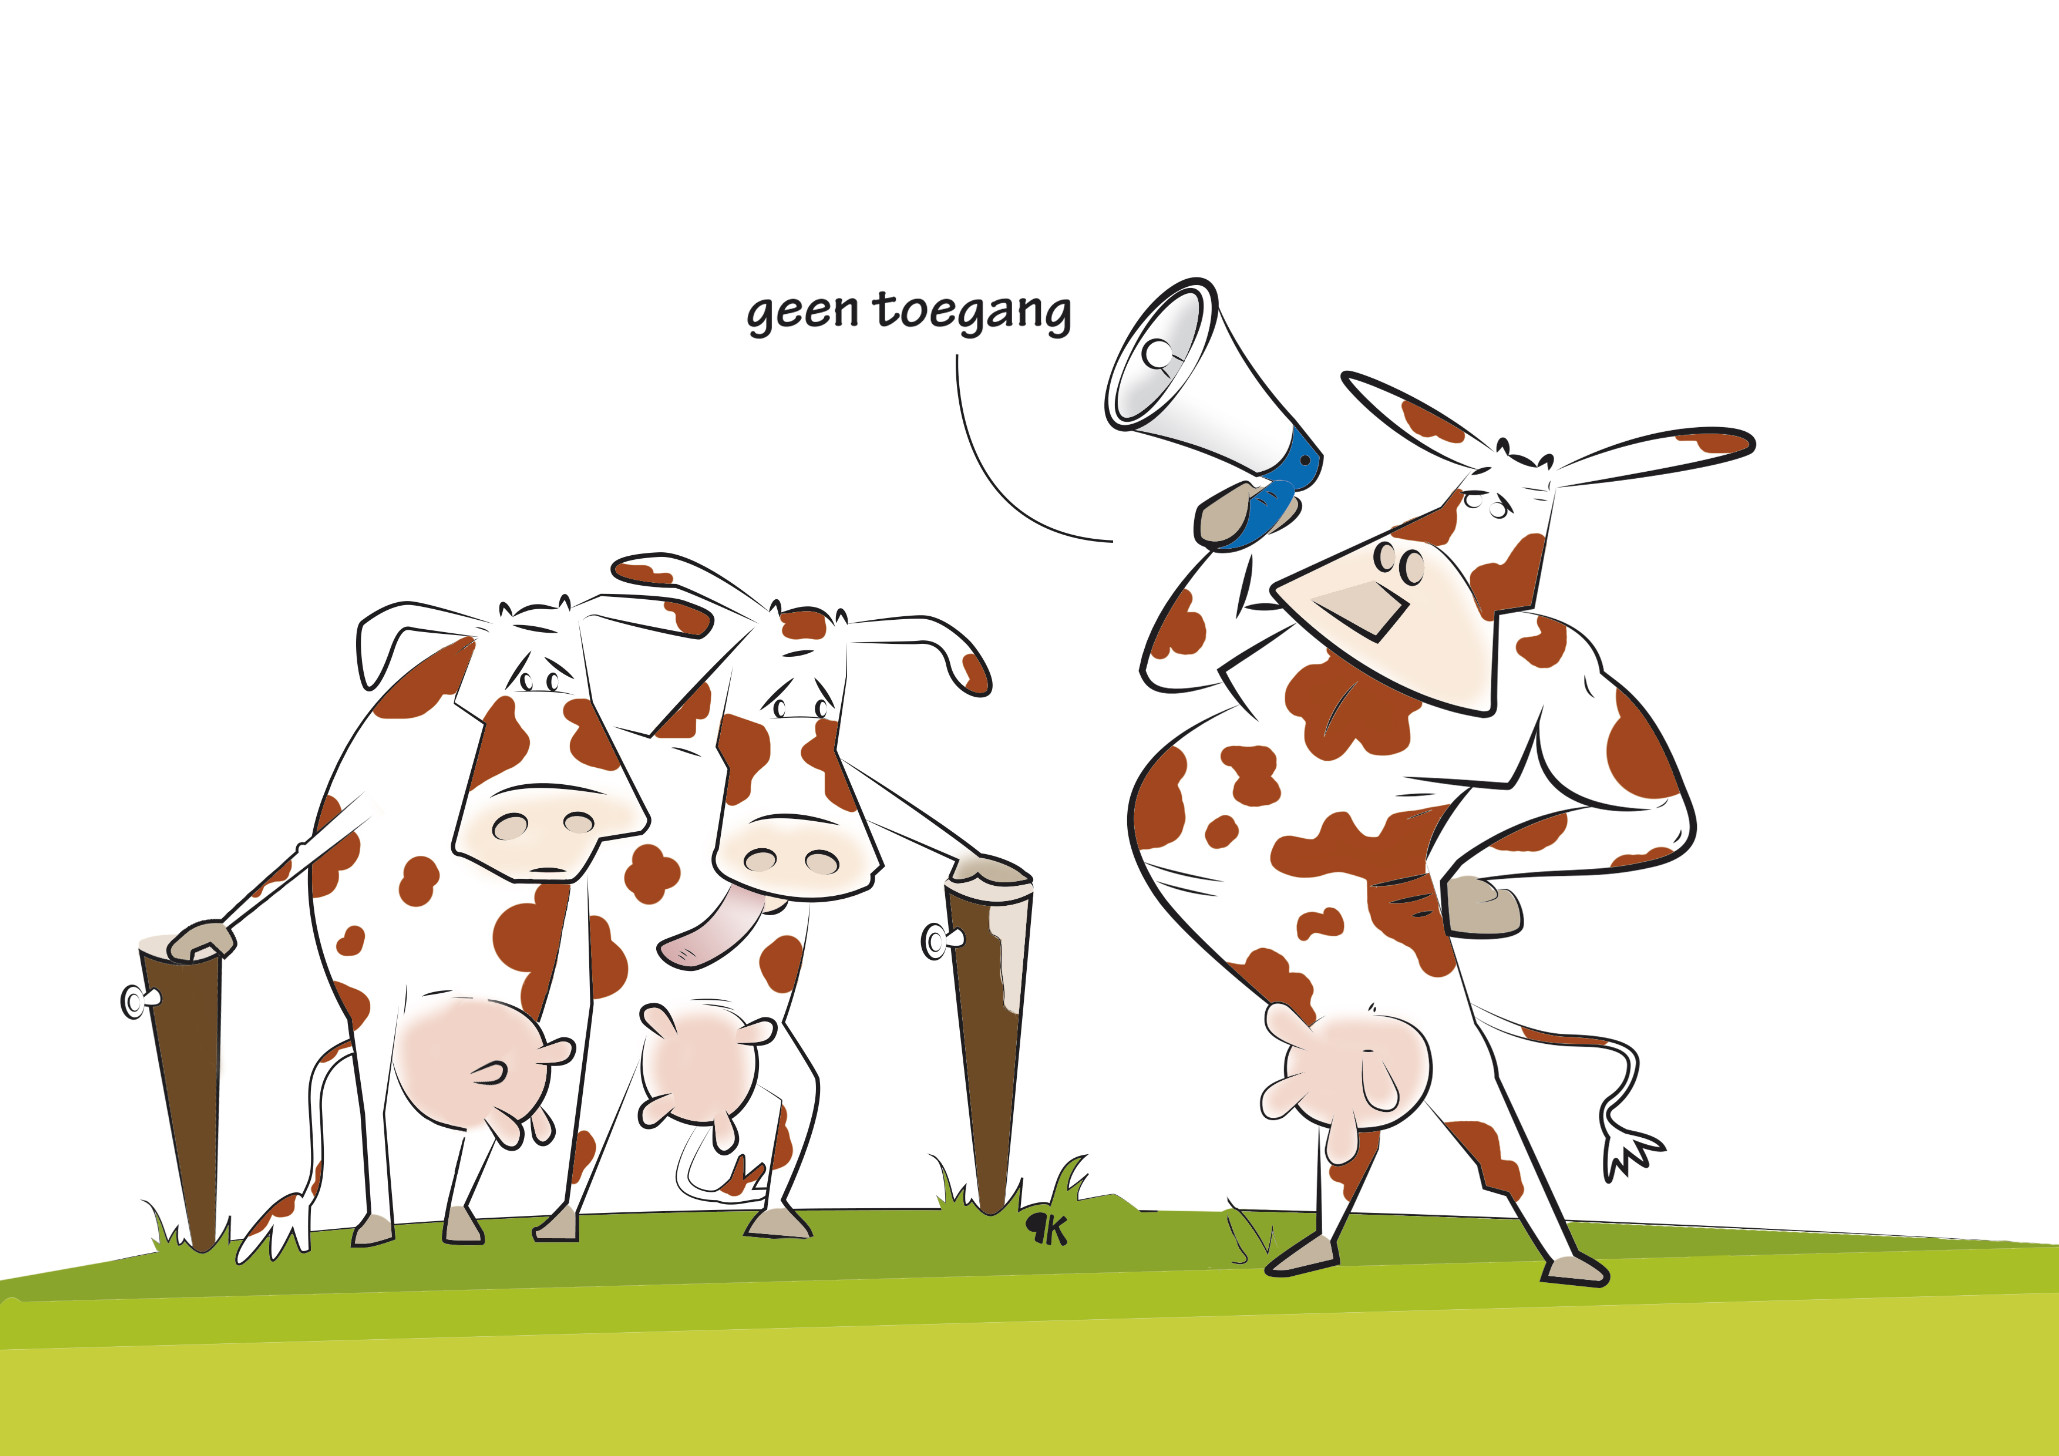 Vleessector constateert gemiste kans in actieplan